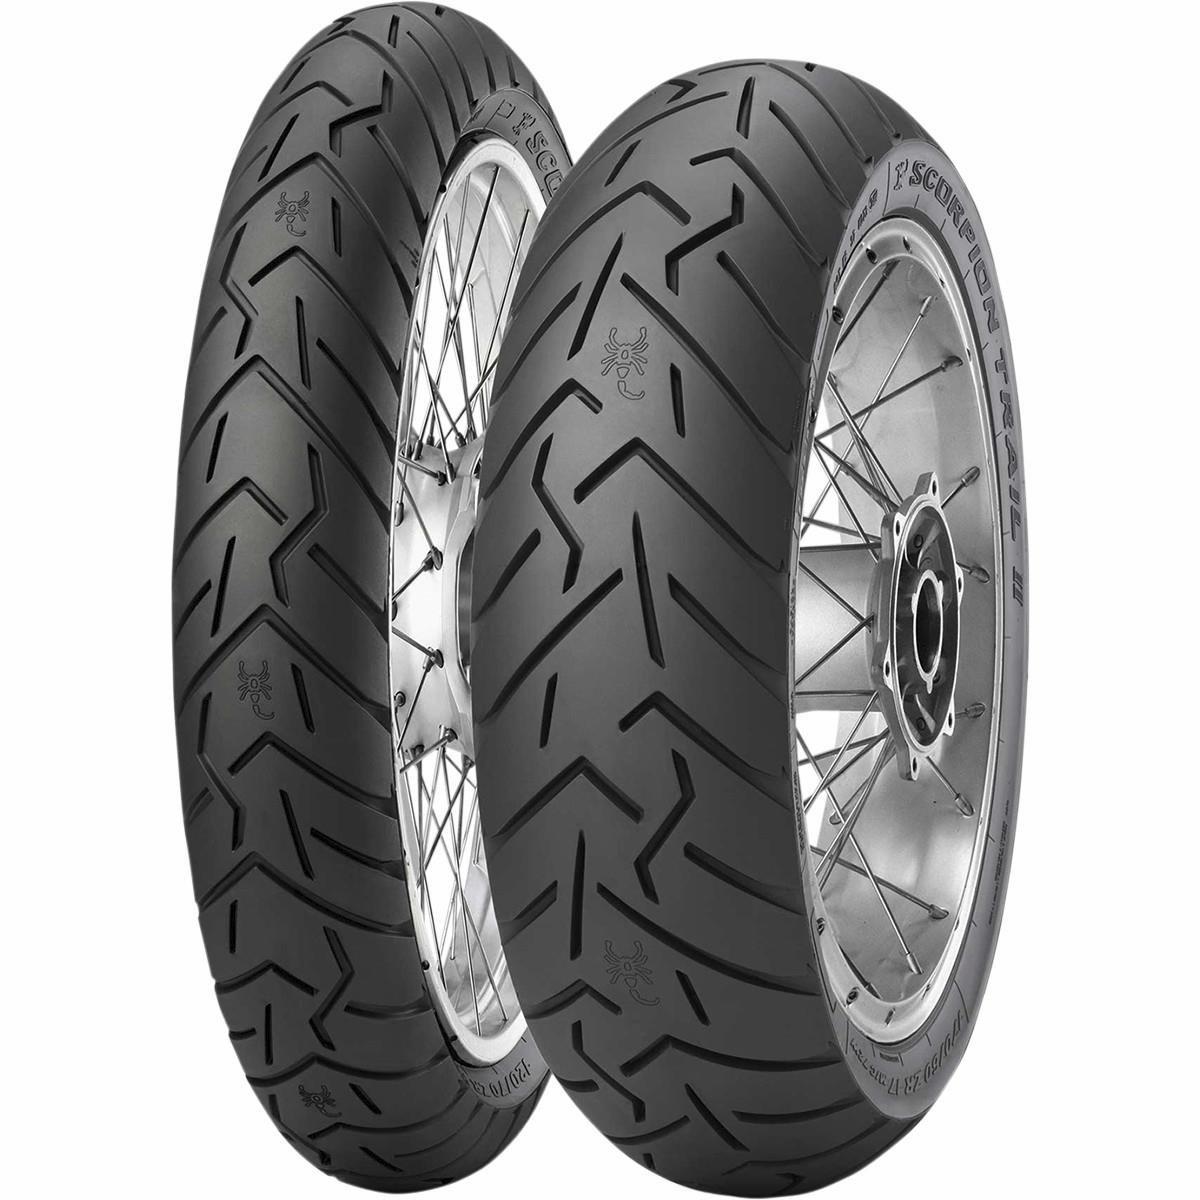 Pirelli Scorpion Trail II Dual Sport Front Tire - 120/70ZR-19/Blackwall by Pirelli